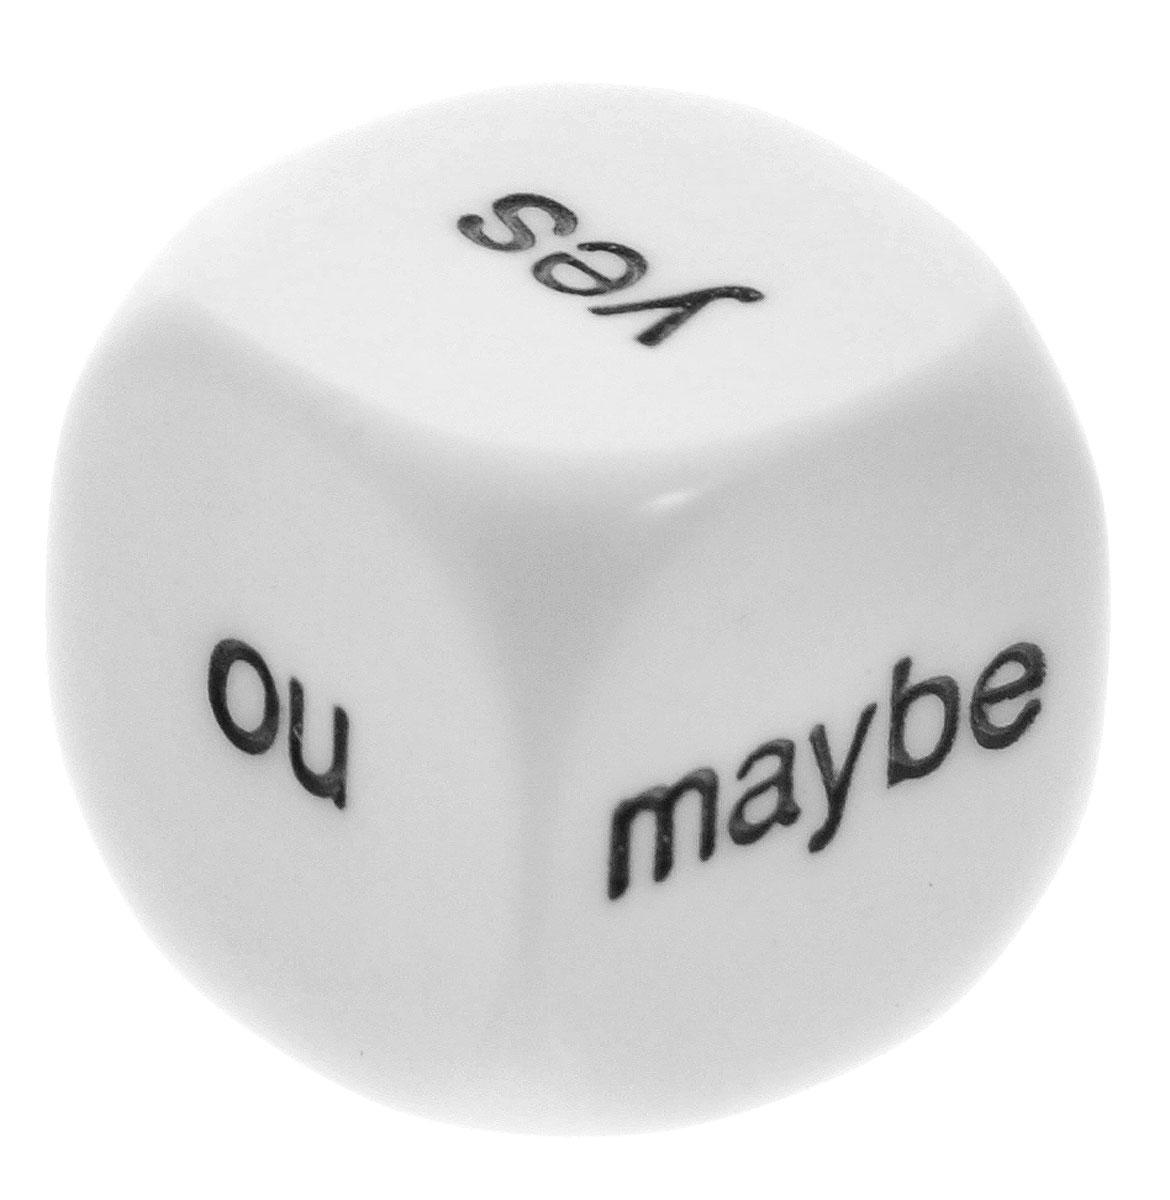 """Игральные кости Pandoras Box Studio 02KG22402KG224Игральные кости, как метод предсказания, всегда ценились за свою простоту и доступность. Наиболее простая система строится на основе вопросов и ответов. Кубик для гадания на решения Pandora's Box """"Да. Нет. Может быть"""" дает такую возможность. На сторонах кубика написаны три слова: """"Yes"""", """"No"""", """"Maybe"""". Благодаря точной кубической форме выпадение каждого слова равновероятно, и только случай (или судьба) определит ответ на ваш вопрос."""